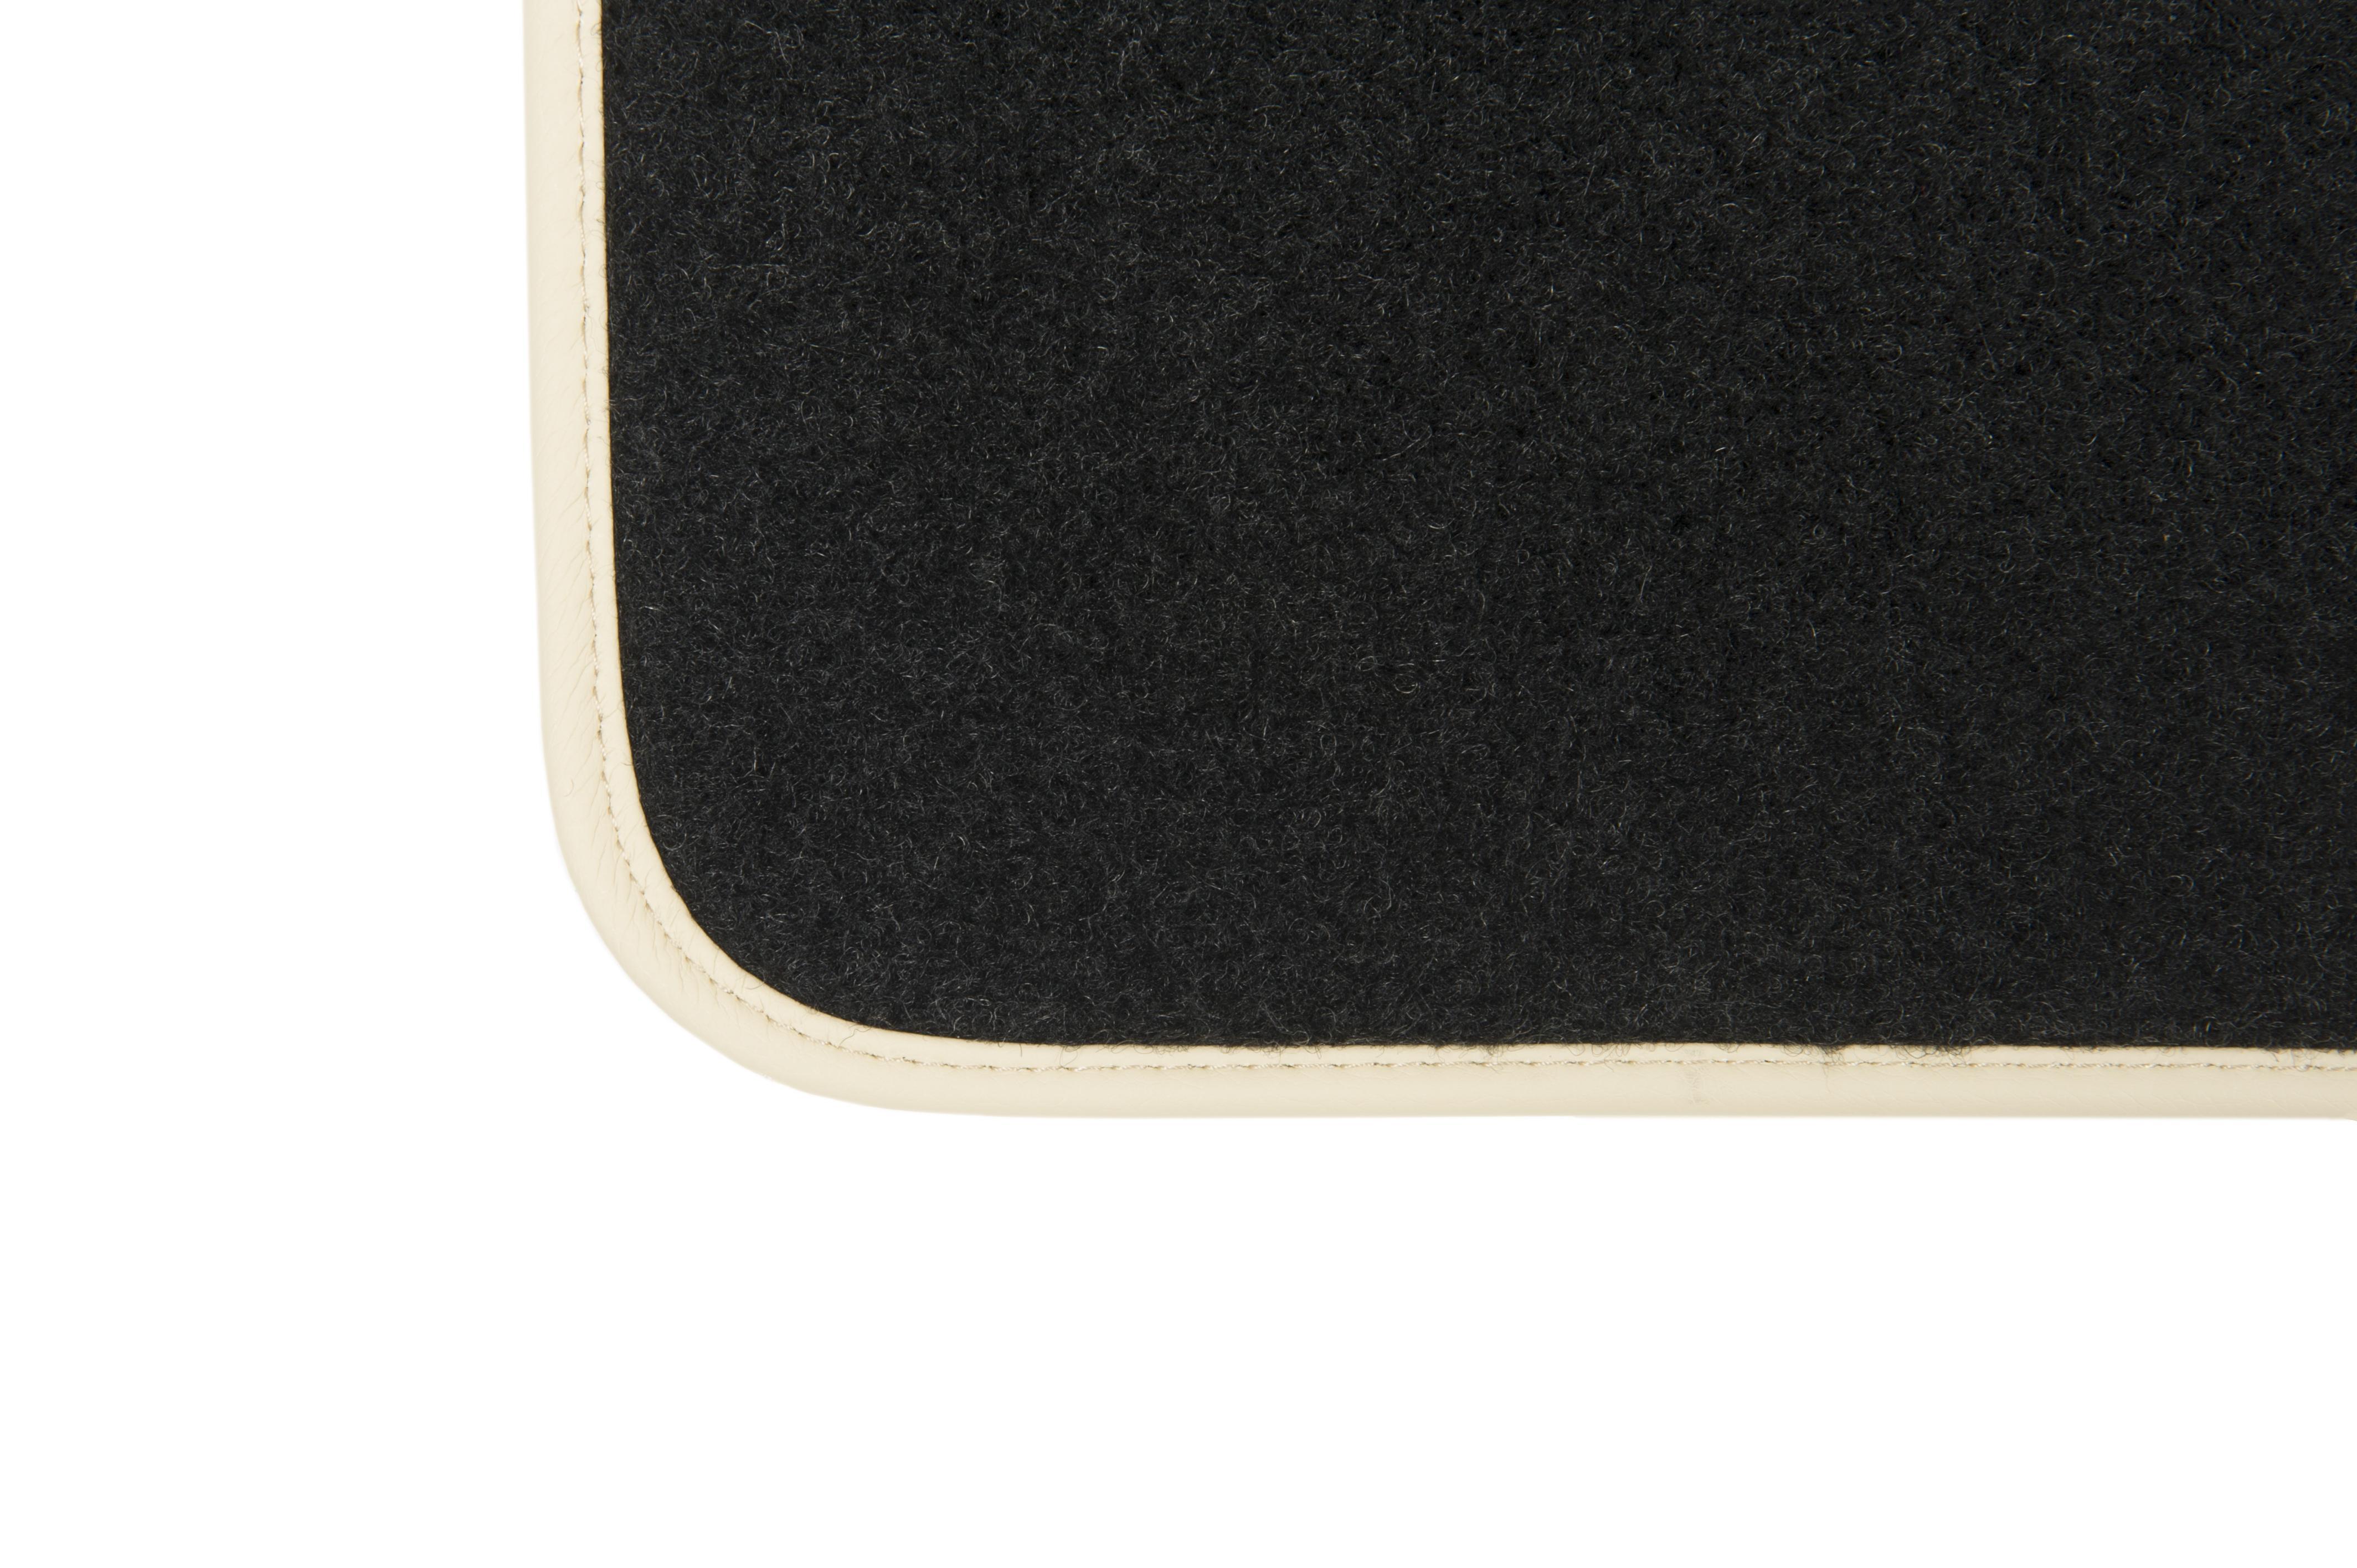 01765762 Autofußmatten DBS 01765762 - Original direkt kaufen